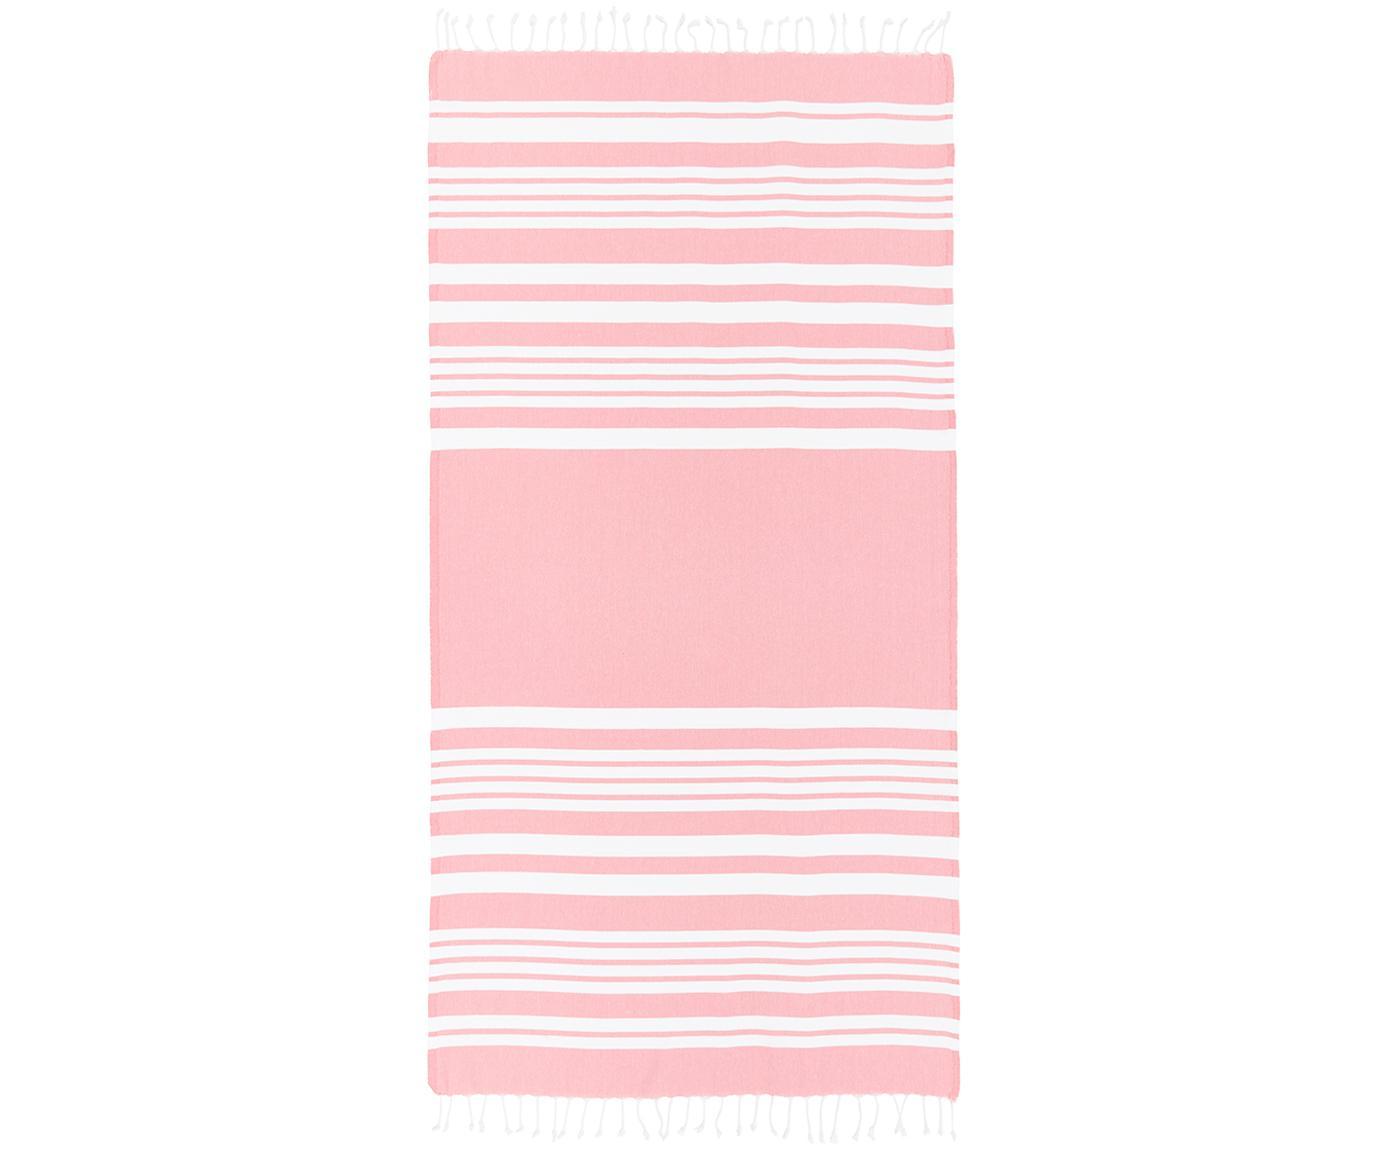 Gestreiftes Hamamtuch Stripy mit Fransenabschluss, 100% Baumwolle Sehr leichte Qualität, 185 g/m², Pink, Weiß, 95 x 175 cm